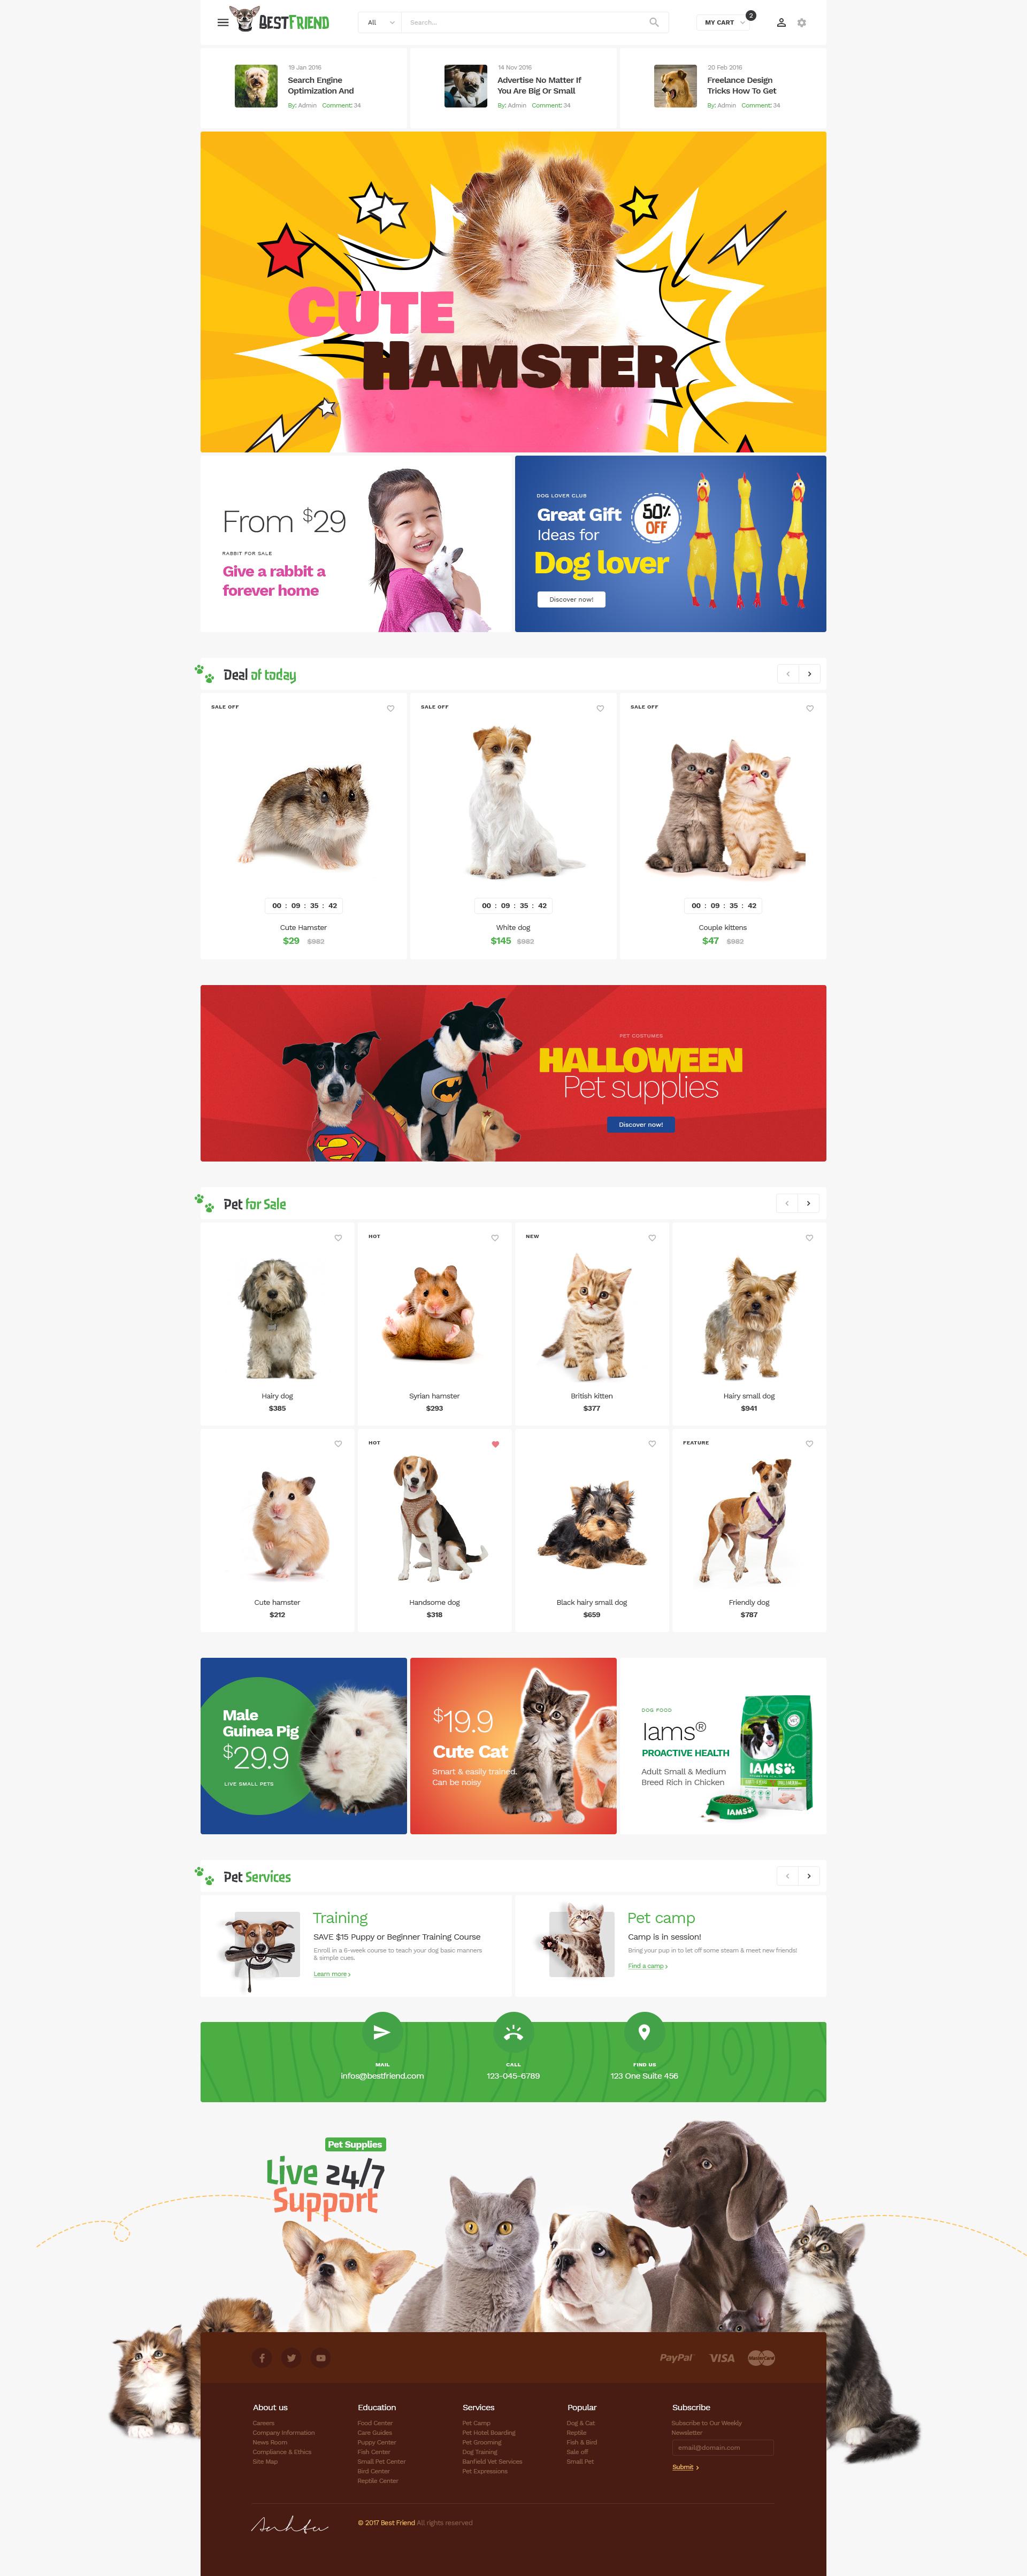 Bestfriend Pet Shop Psd Template By Themelexus Themeforest